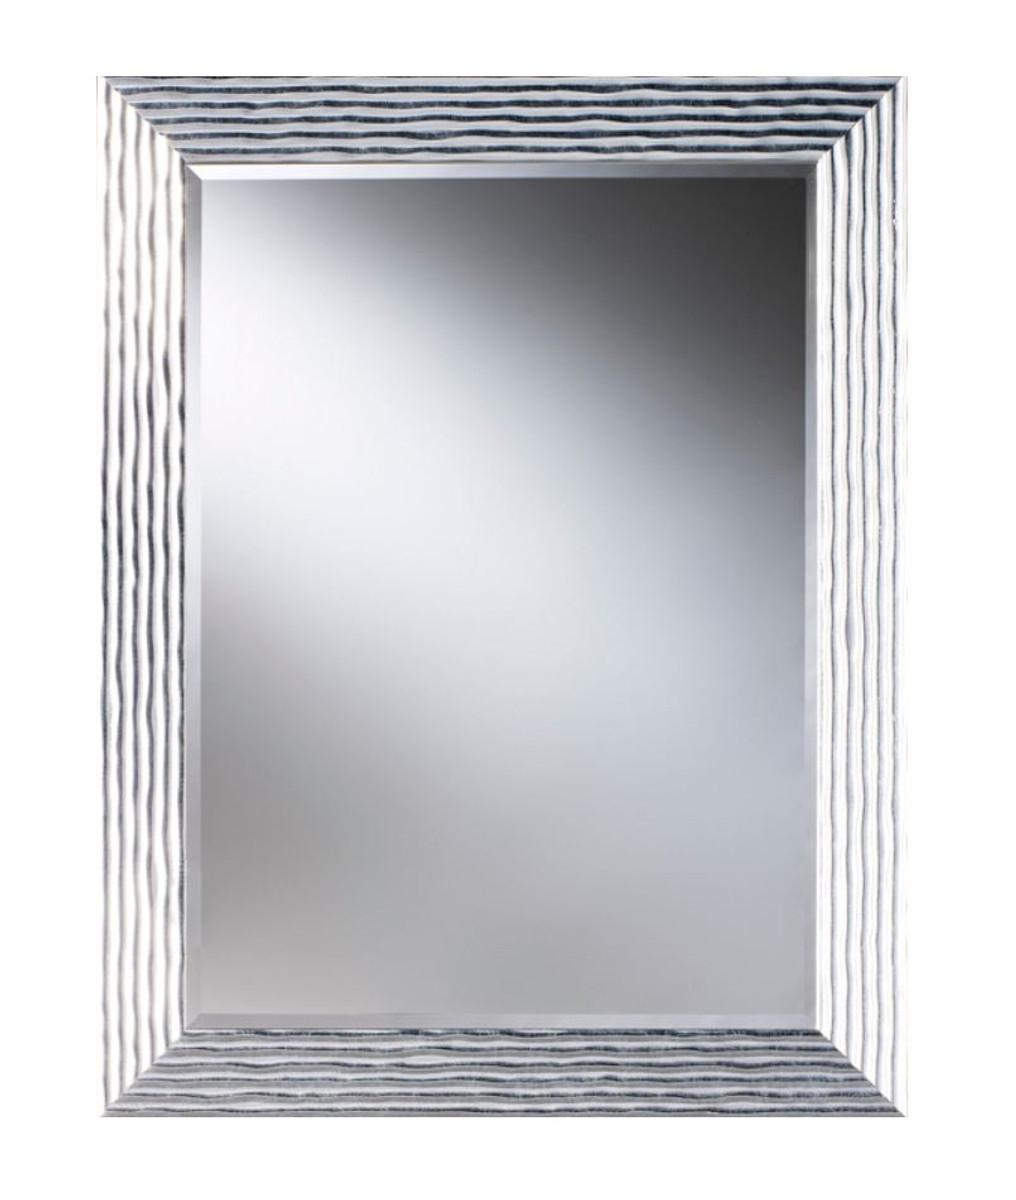 Casa Padrino Luxus Wohnzimmer Spiegel Silber 86 X H 111 Cm